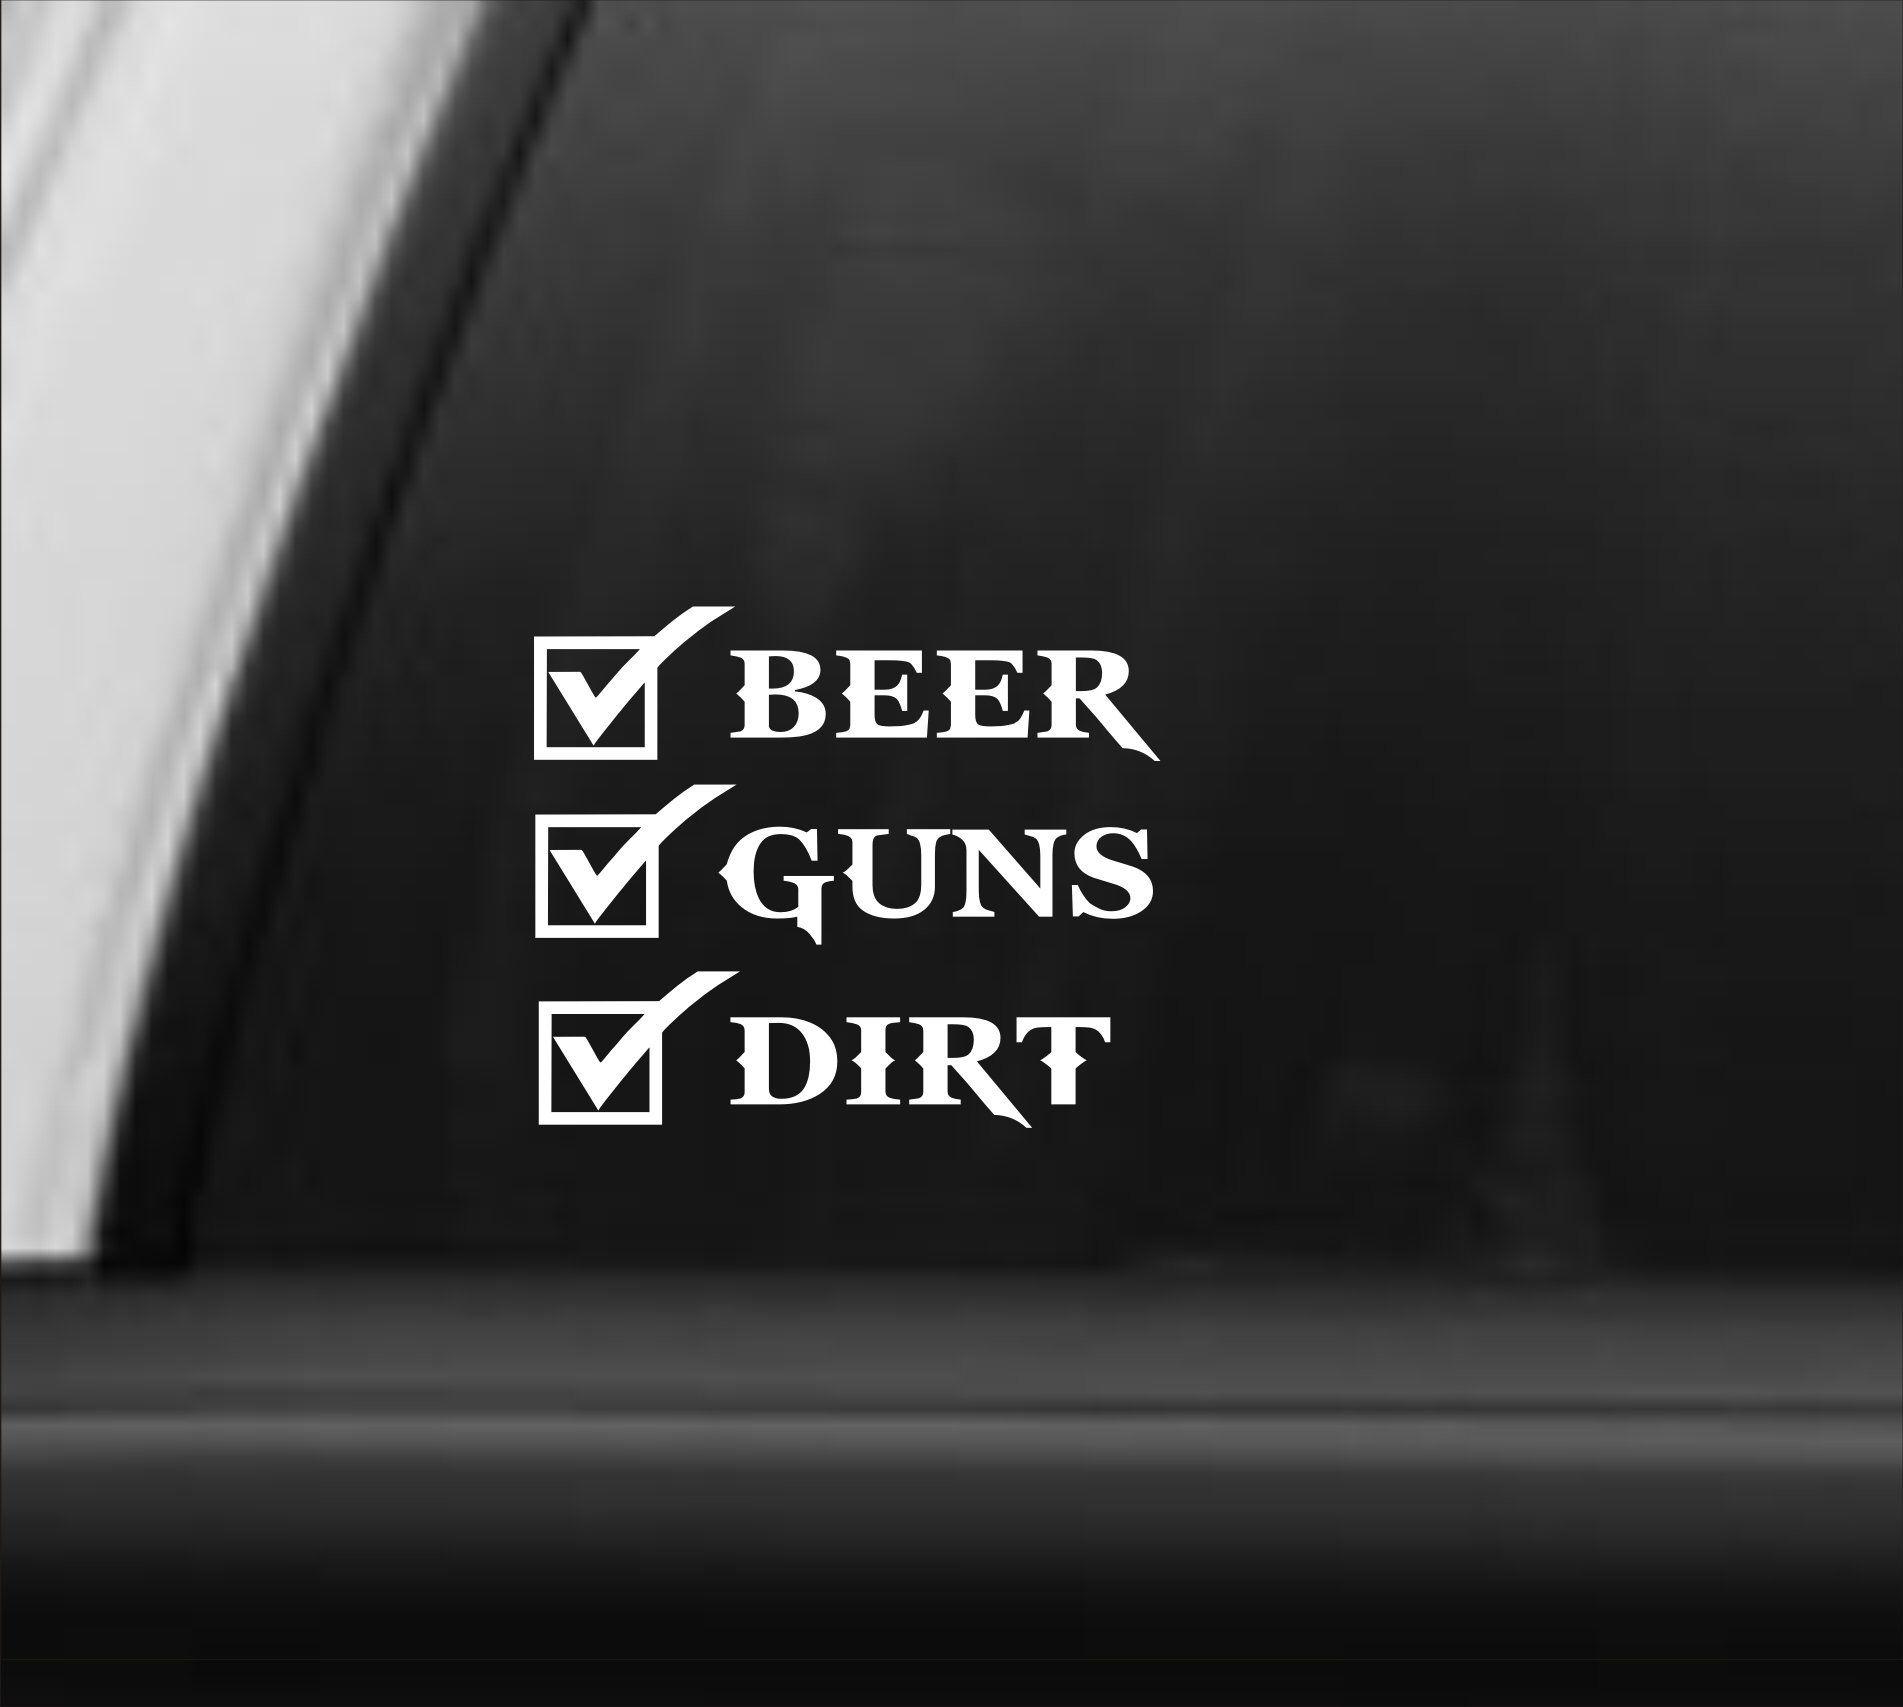 Beer Guns Dirt Vinyl Decal Beer Guns Dirt Sticker Beer Guns Etsy Vinyl Decals Boys Sticker Boys Decal